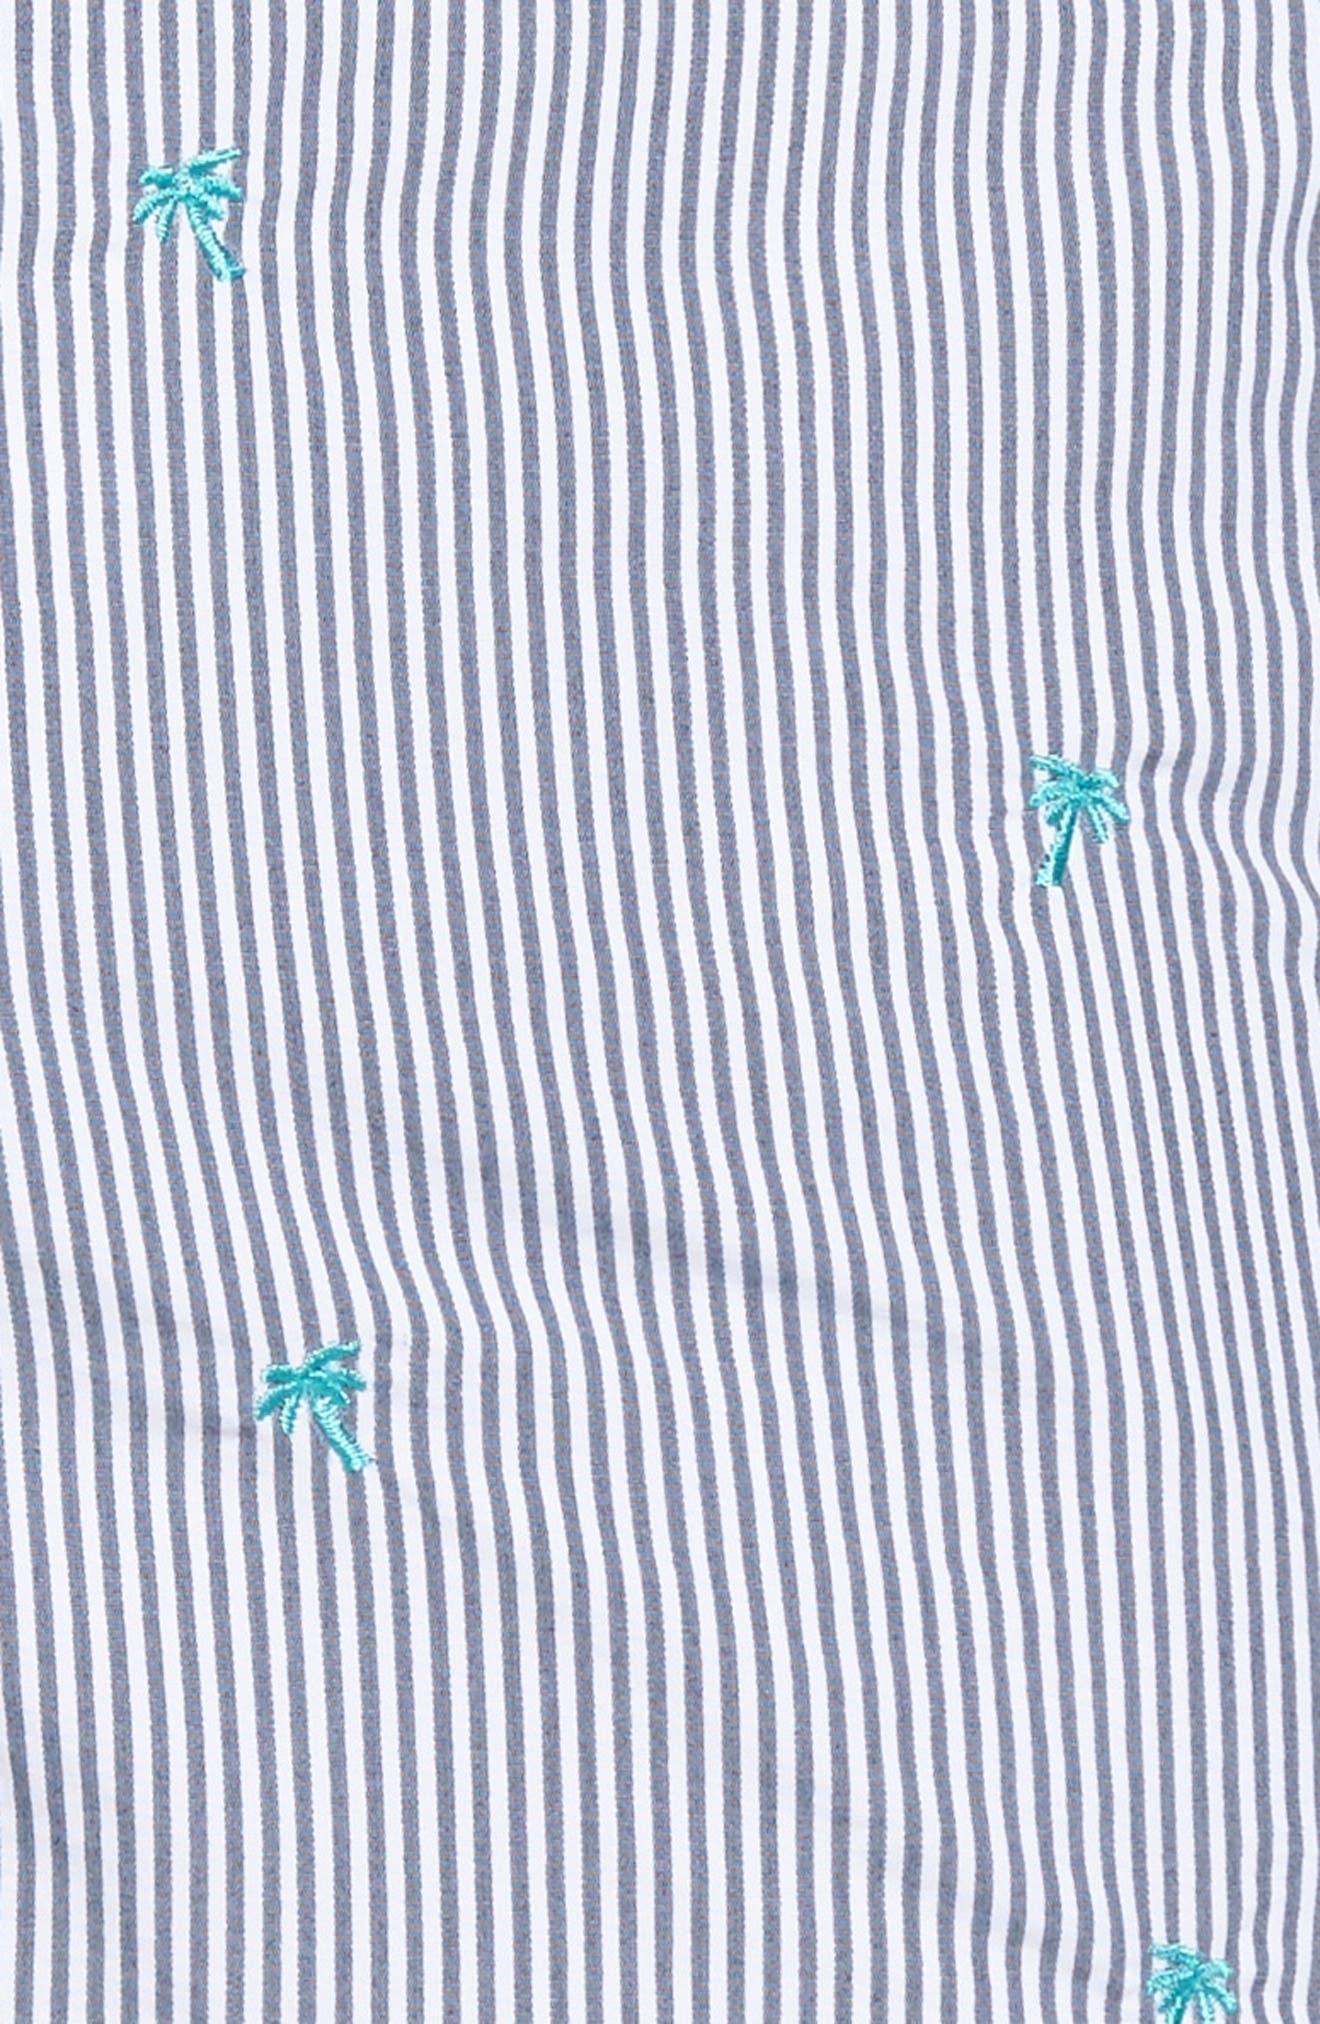 Aruba Palm Swim Trunks,                             Alternate thumbnail 5, color,                             440